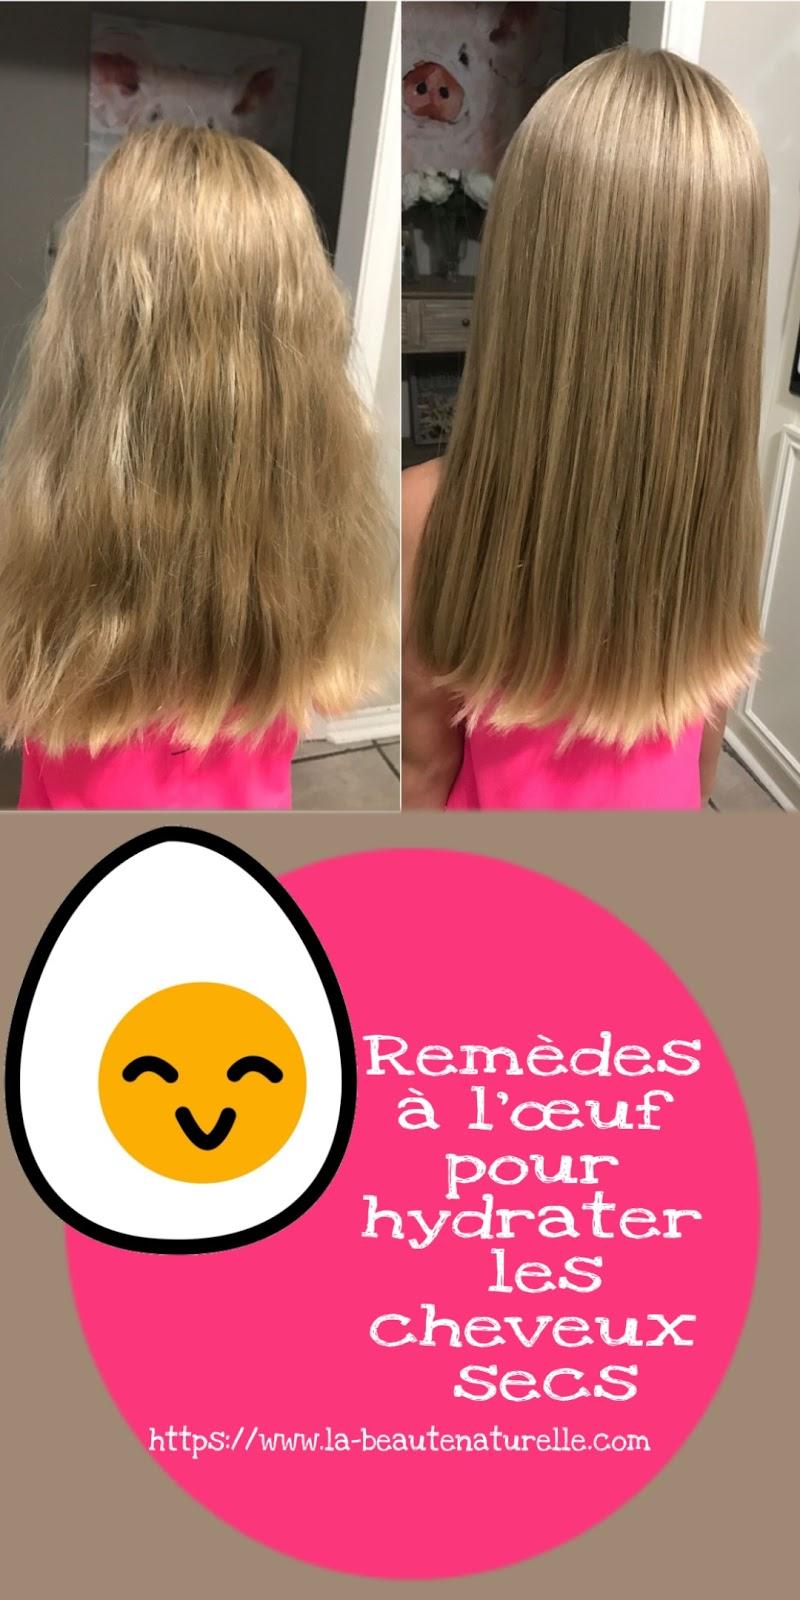 Remèdes à l'œuf pour hydrater les cheveux secs